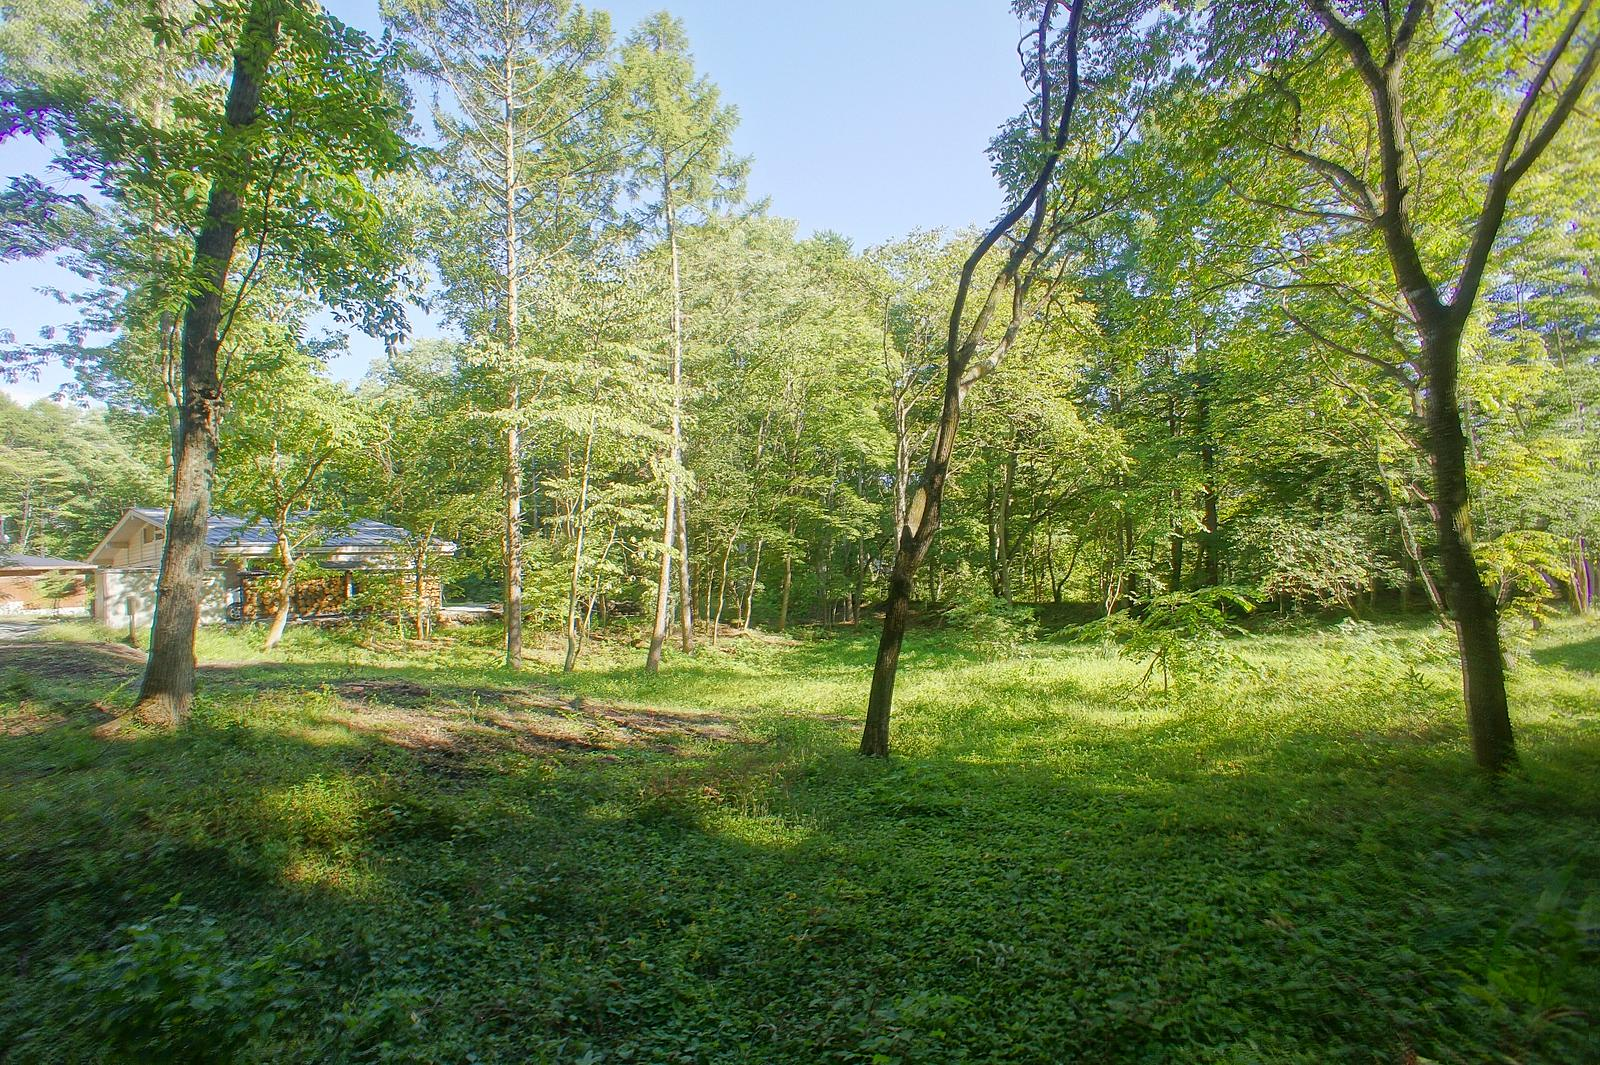 物件中央より東側前面道路を撮影。ミズナラなどの広葉樹に囲まれた緑いっぱいの土地。